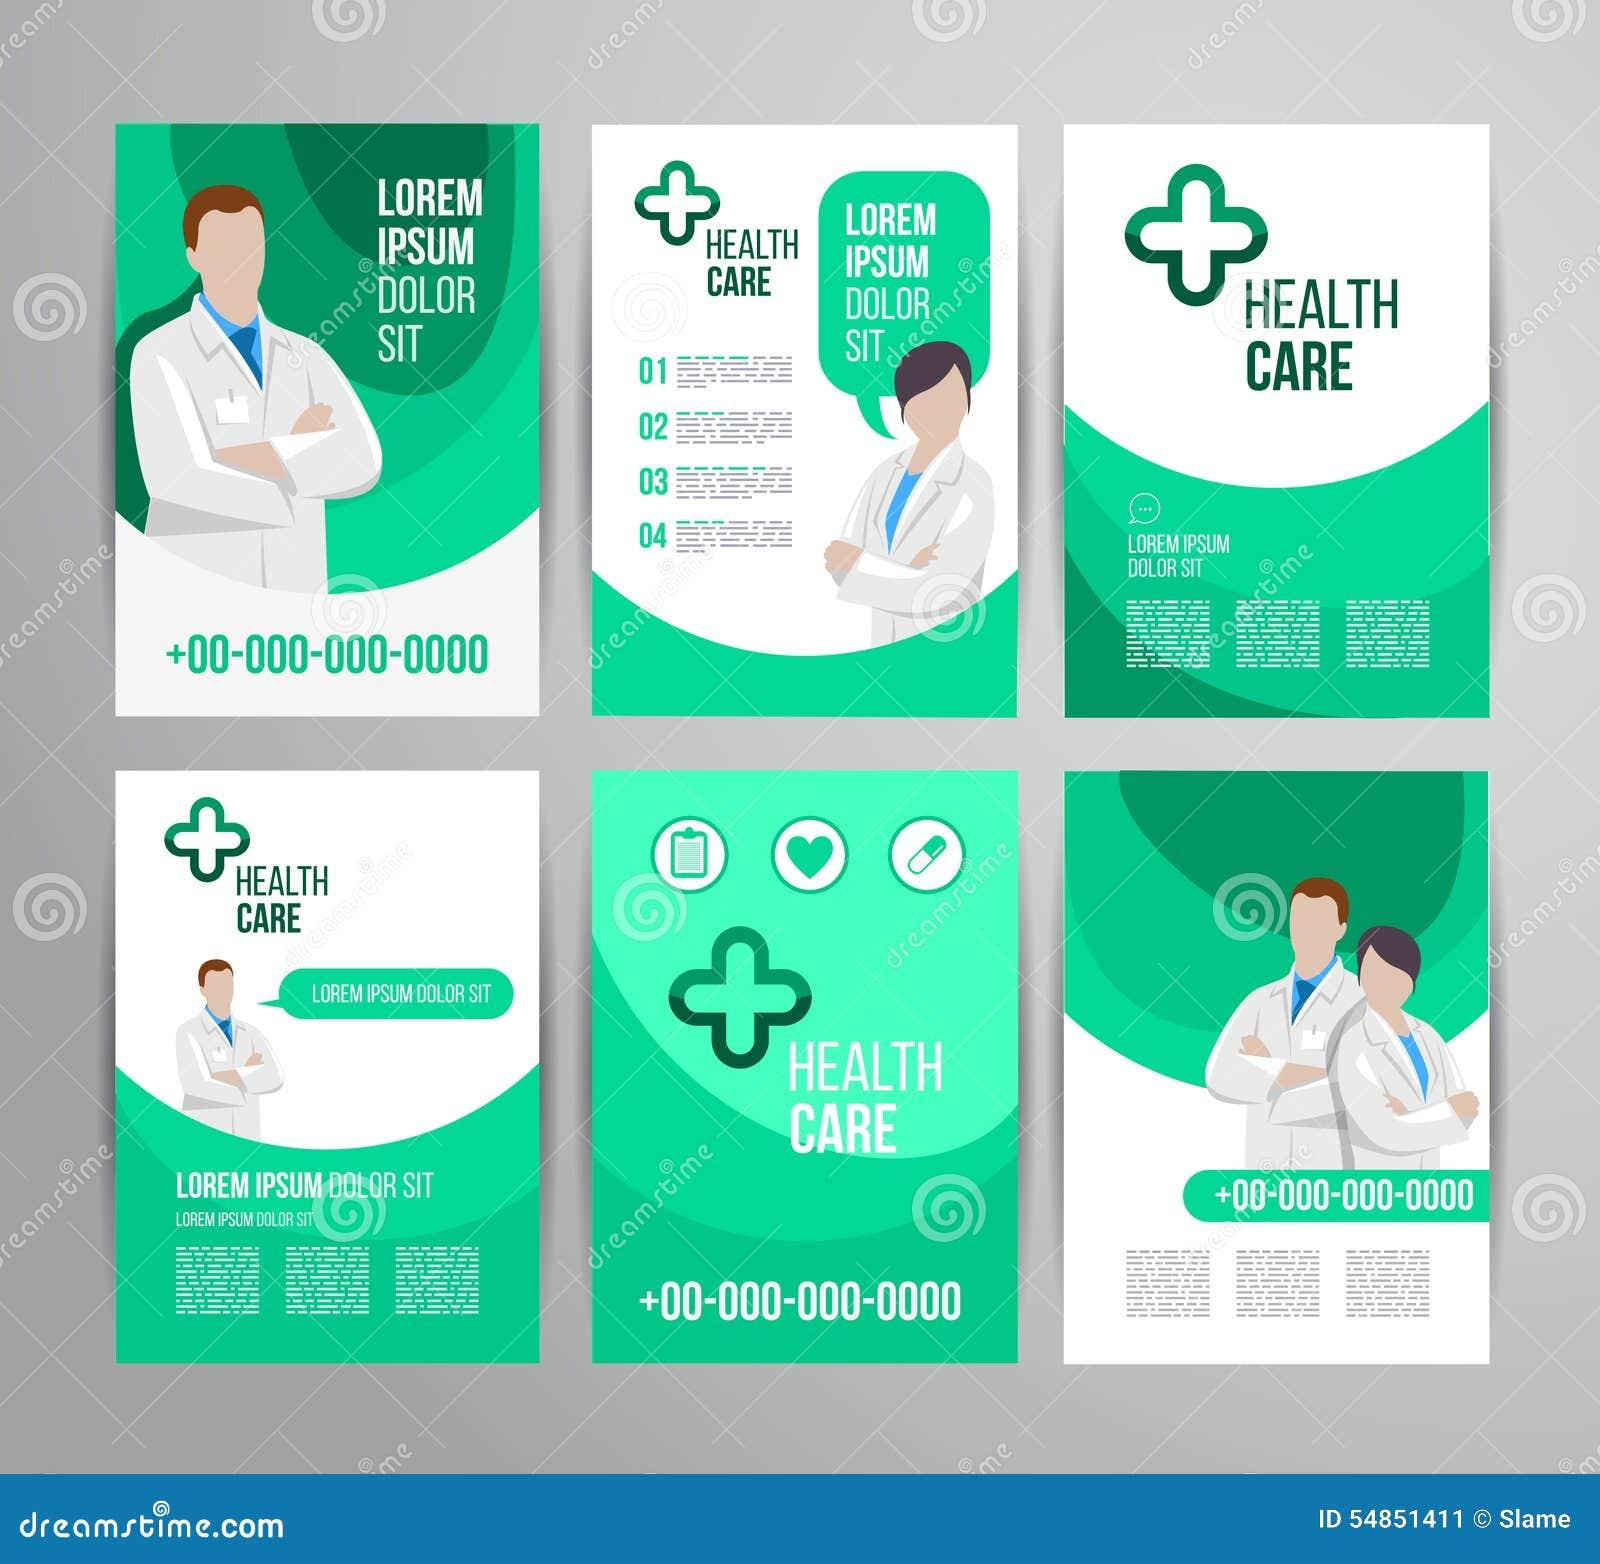 Healthcare Brochure Vector Image 54851411 – Healthcare Brochure